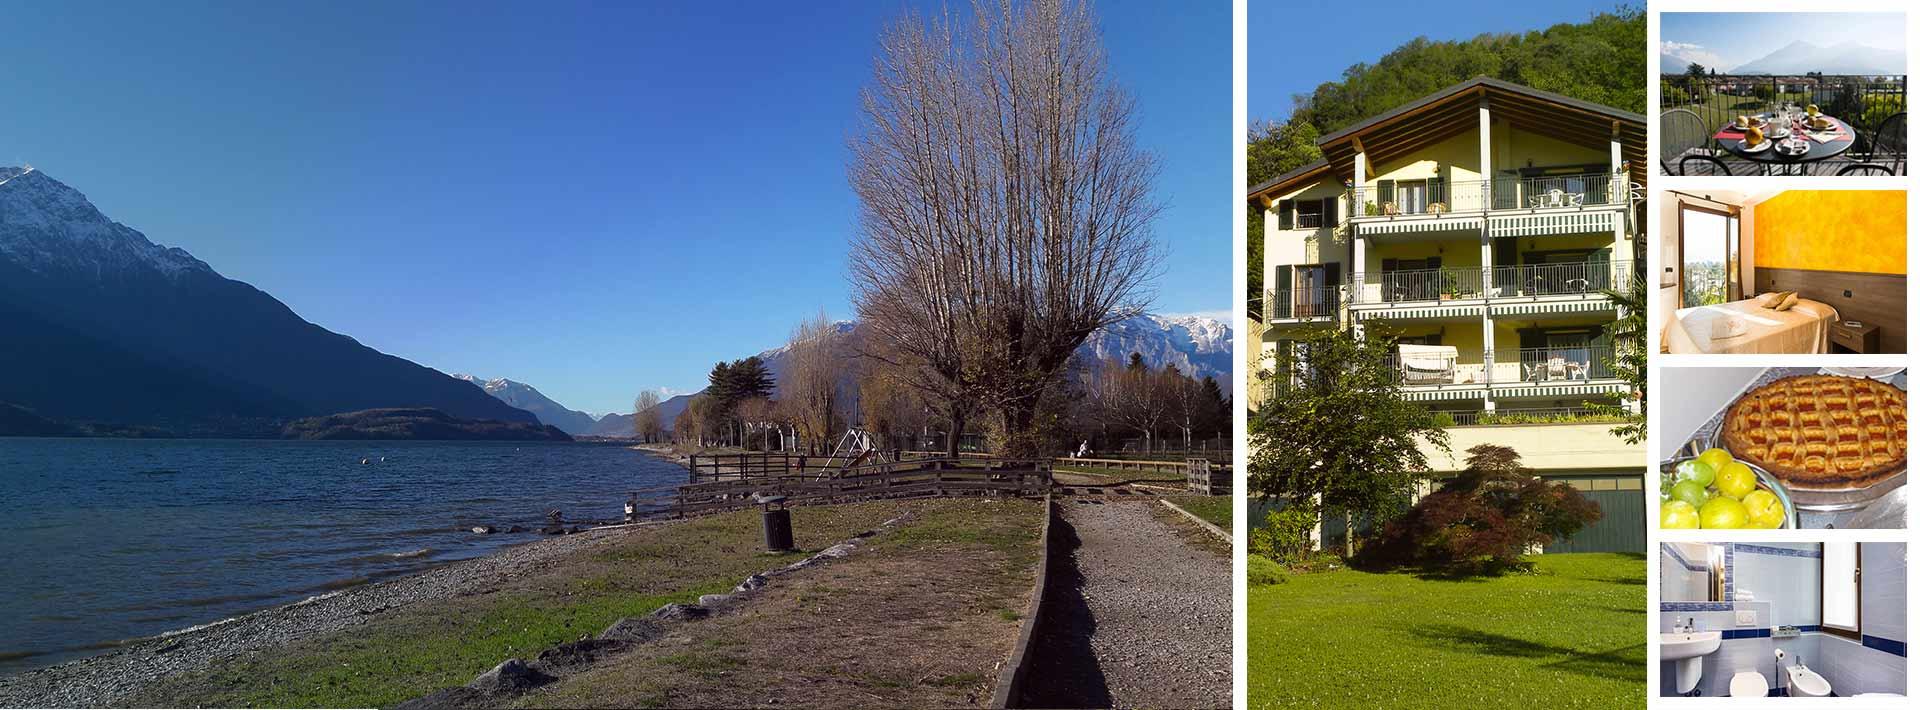 Bed-and-brekfast-Lago-di-Como-e-provincia4